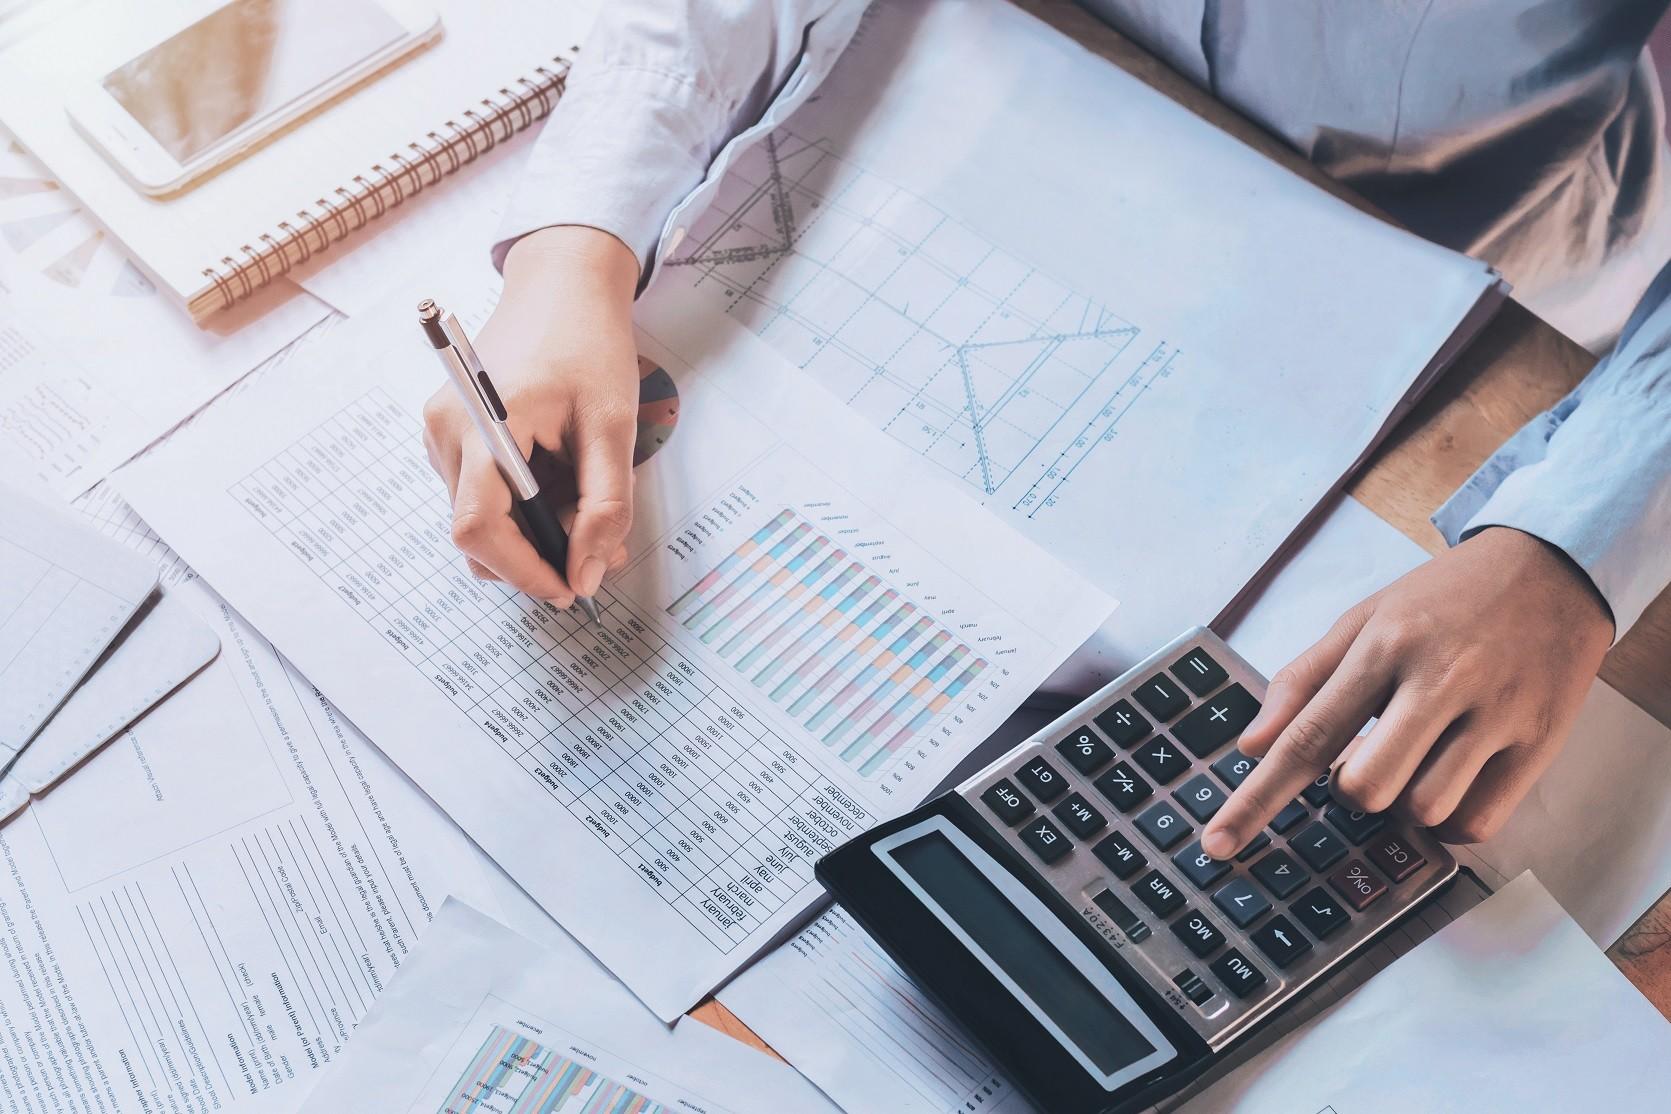 Com crédito mais caro, indústrias reavaliam estratégias de recuperação